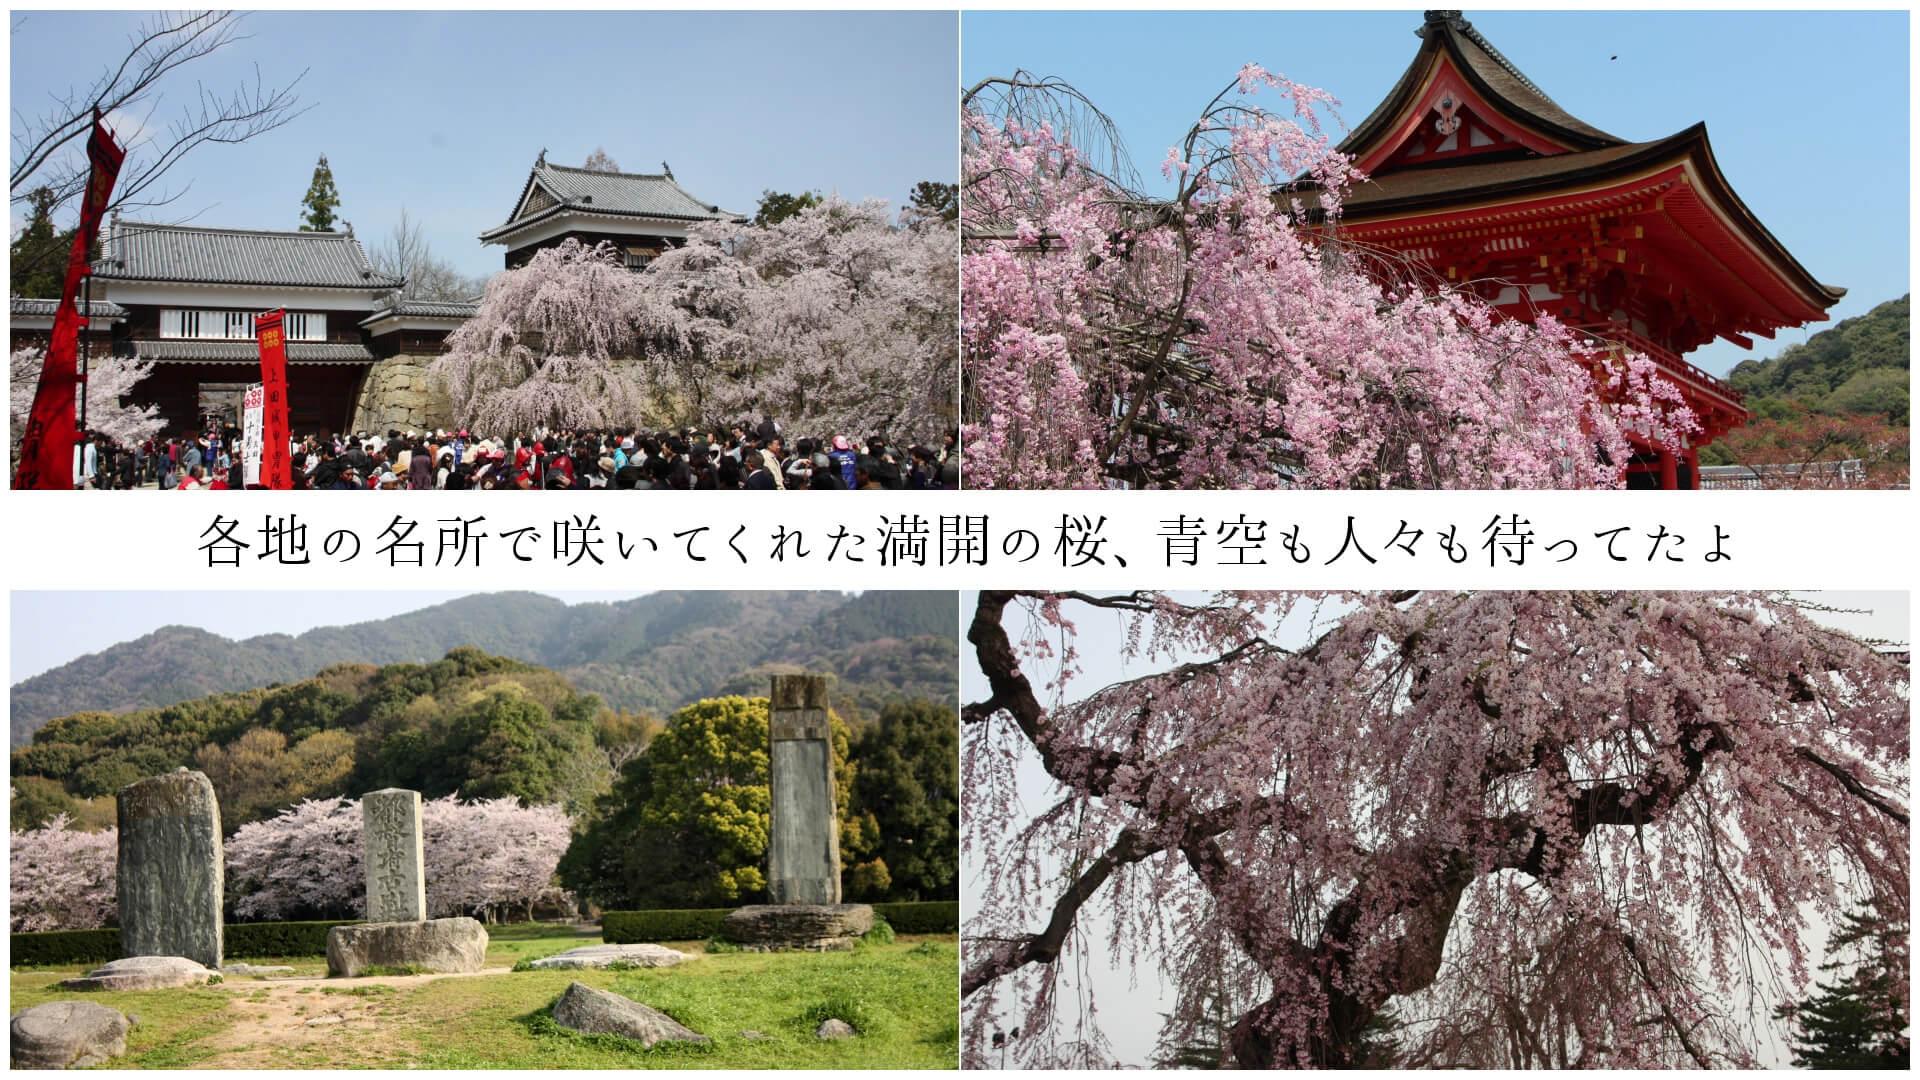 各地の名所で咲いてくれた満開の桜、青空も人々も待ってたよ